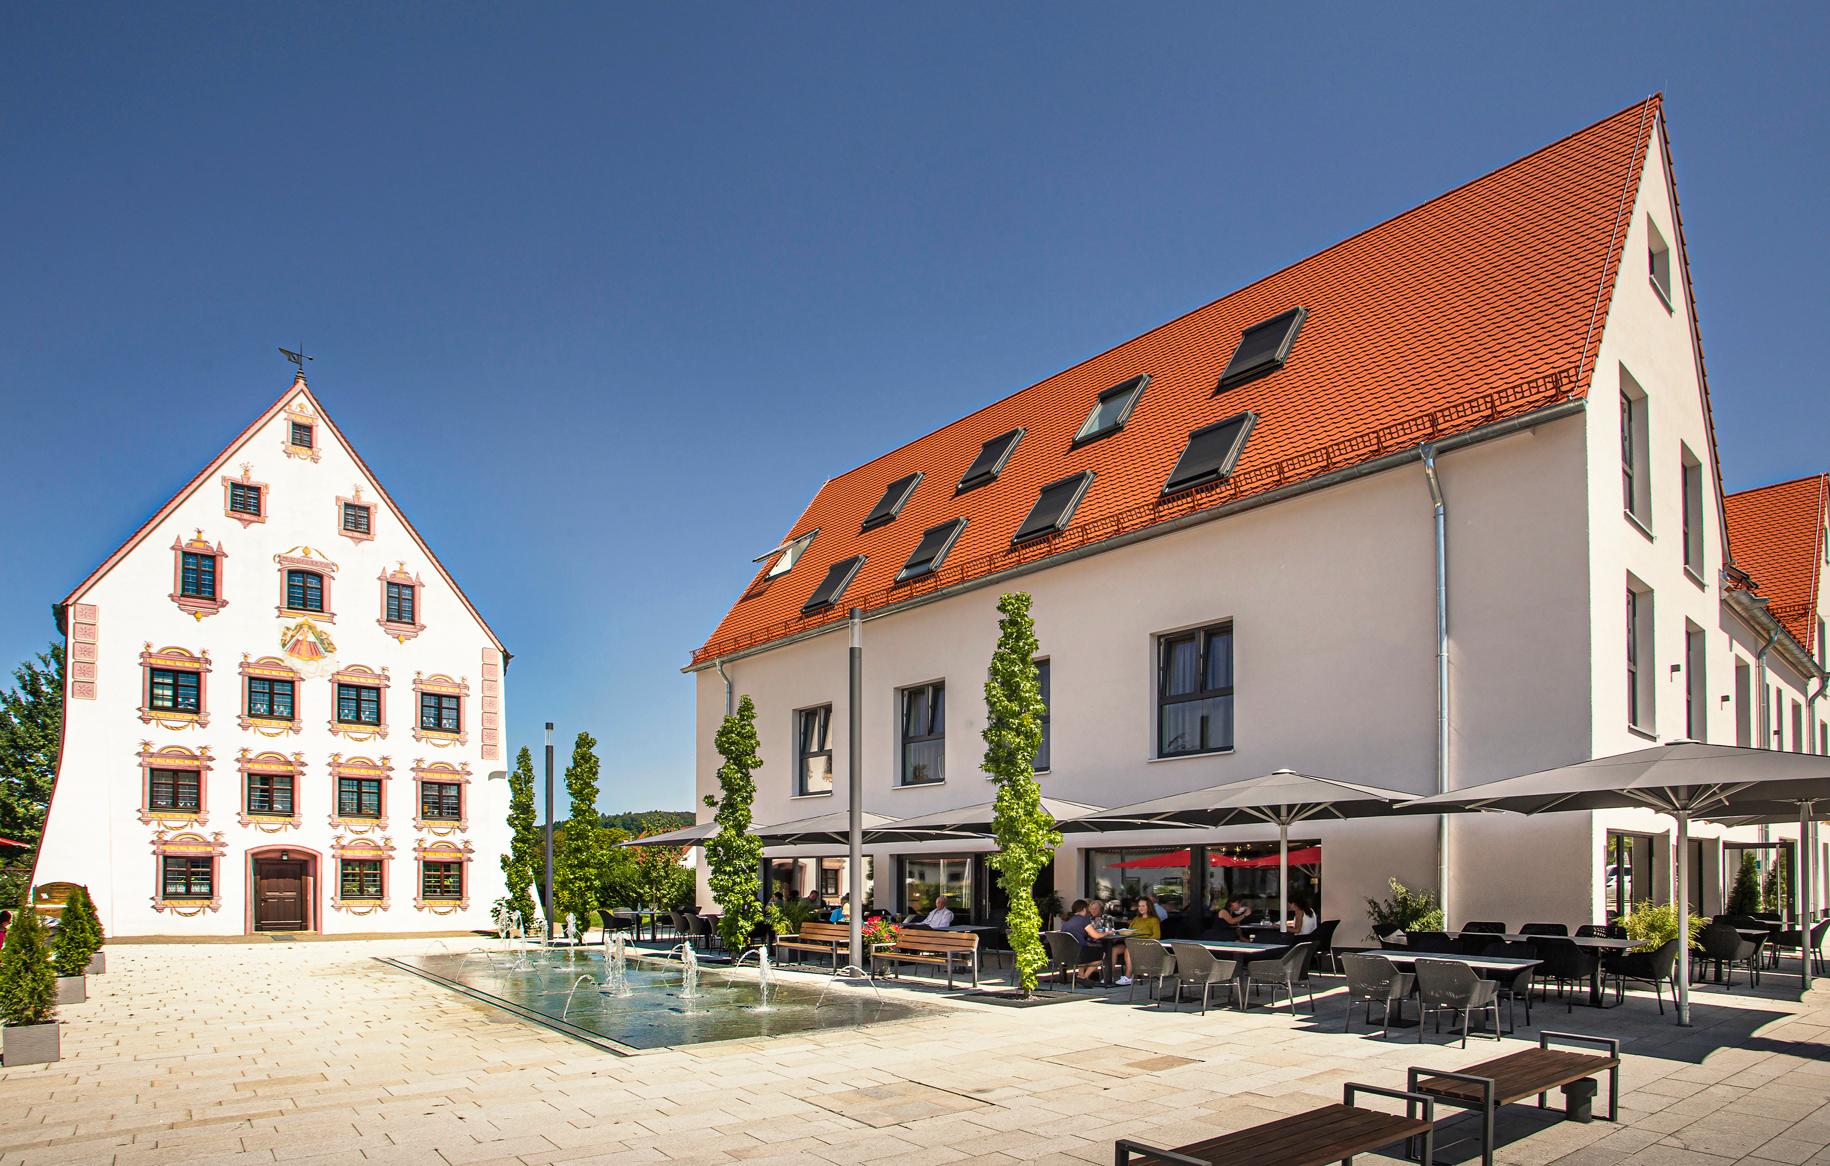 kuschelwochenende-krumbach-bg6